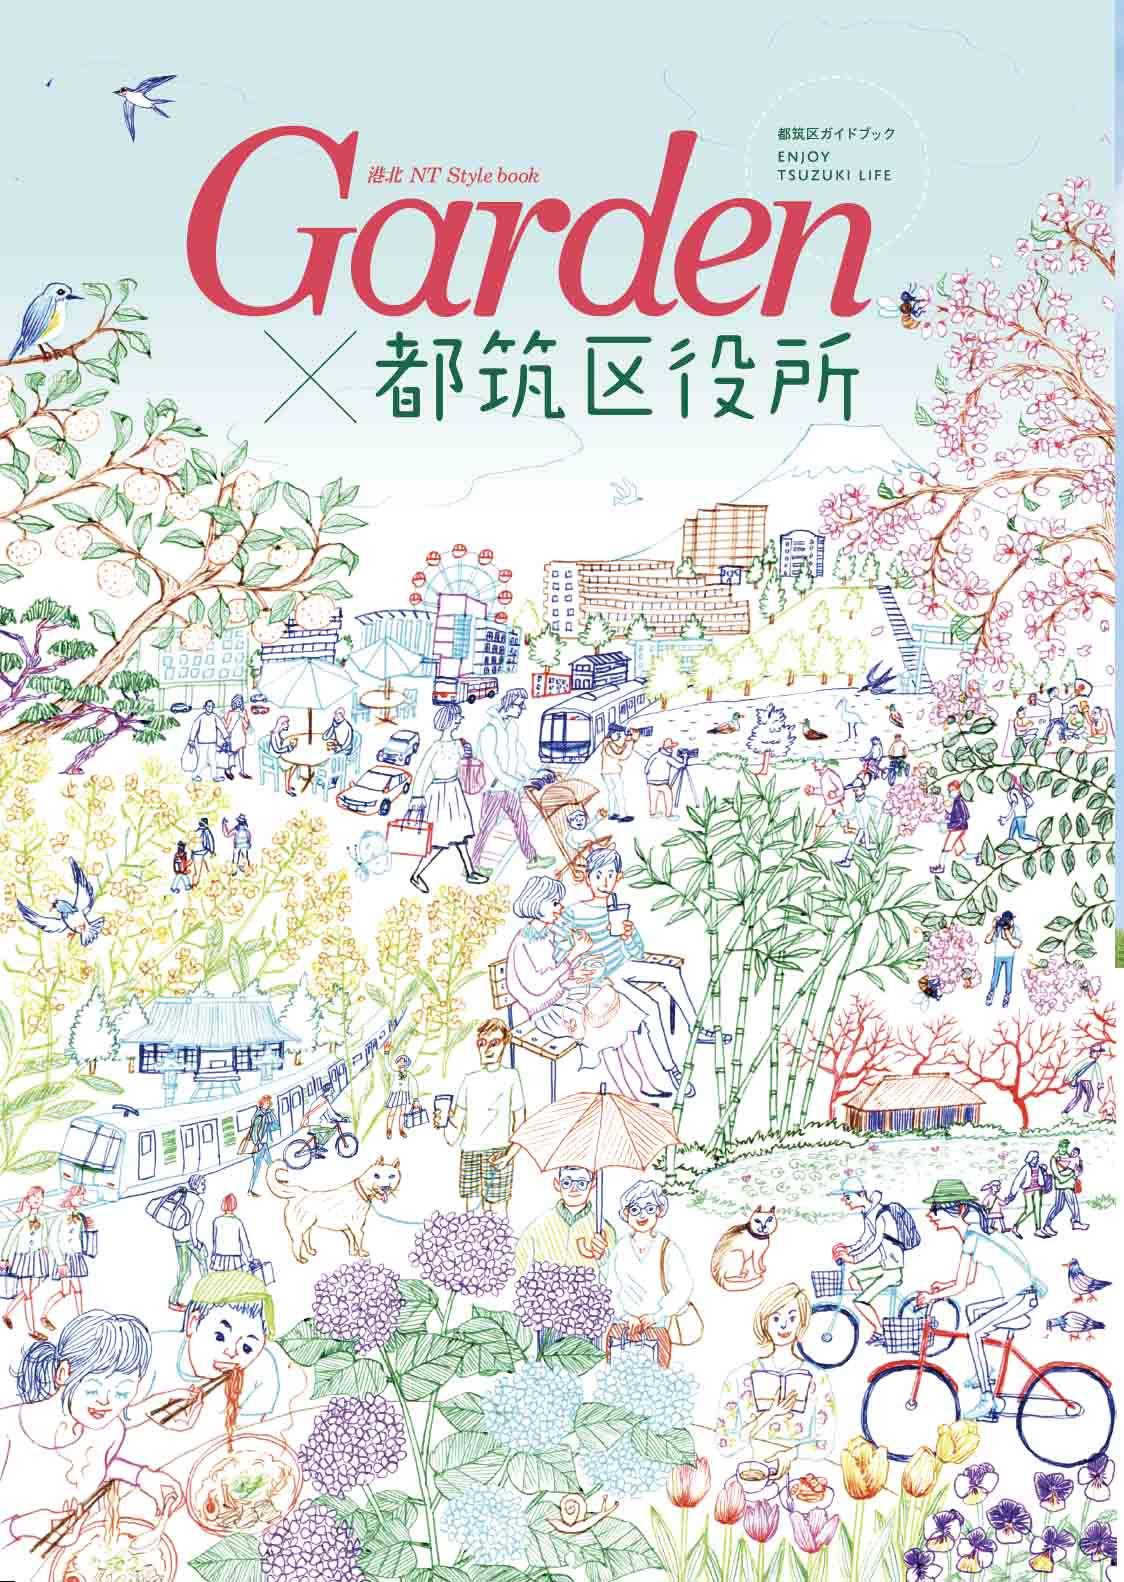 まずは、自社媒体「港北NT Style Book Garden&北ノ丸食堂」をご紹介します。<br /> <br /> 巷にあるフリーペーパーなら誰でもできる。<br /> 自分たちがやるなら、人々にささやかながら幸せを届けたい。<br /> だから編集にはめちゃめちゃこだわります。<br /> そんな誌面が認められて、都筑区のガイドブックを作らせて頂いたり、<br /> 横浜市様のラグビーW杯の特集を組ませて頂いたり、<br /> 世界的有名は一流企業様とのタイアップなどが実現しています。<br /> <br /> 自分たちの考えて、多くの人たちに情報を発信できる喜びを一緒に味わいましょう。<br />